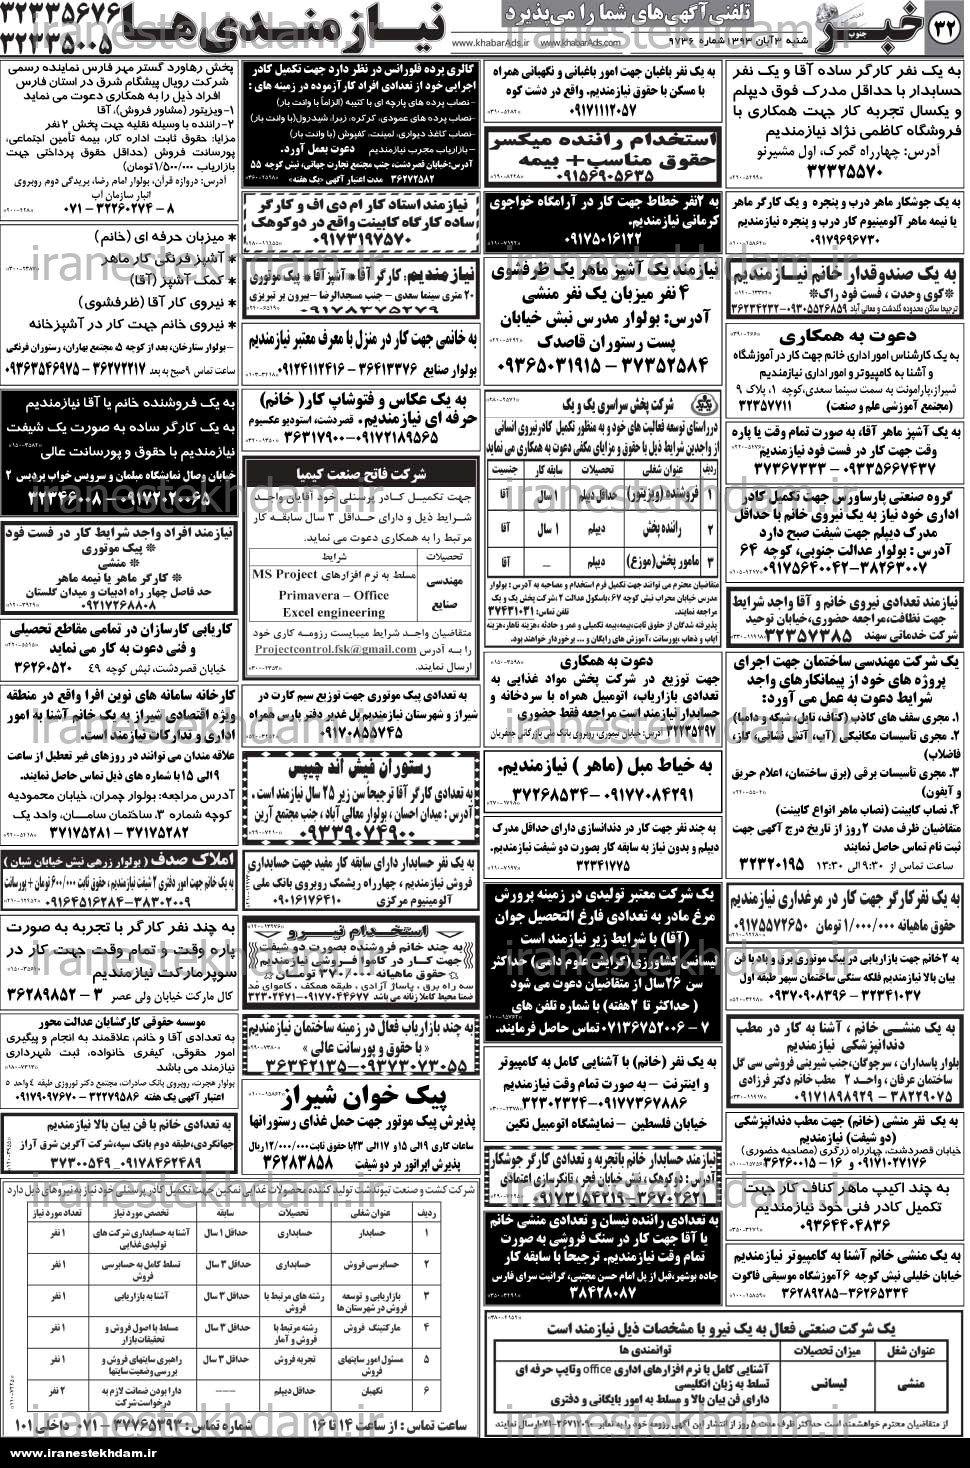 استخدام بازاریاب جهت کار در شهر شیراز استخدام استان فارس و شهر شیراز |۳ آبان ۹۳ | ایران استخدام